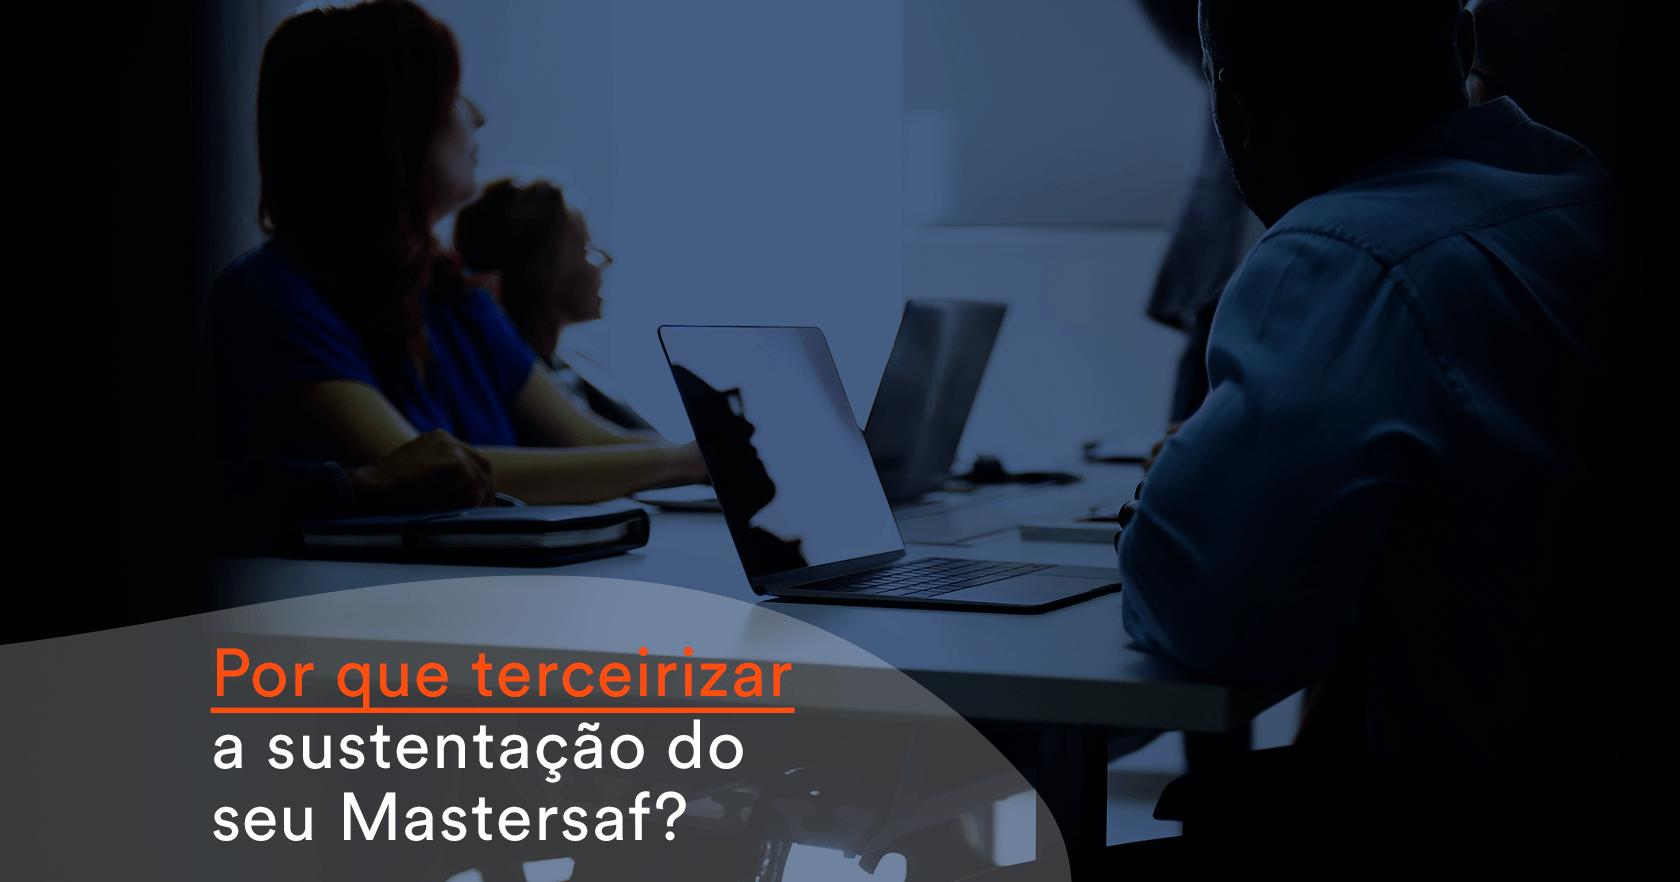 Por que terceirizar a sustentação do seu Mastersaf?